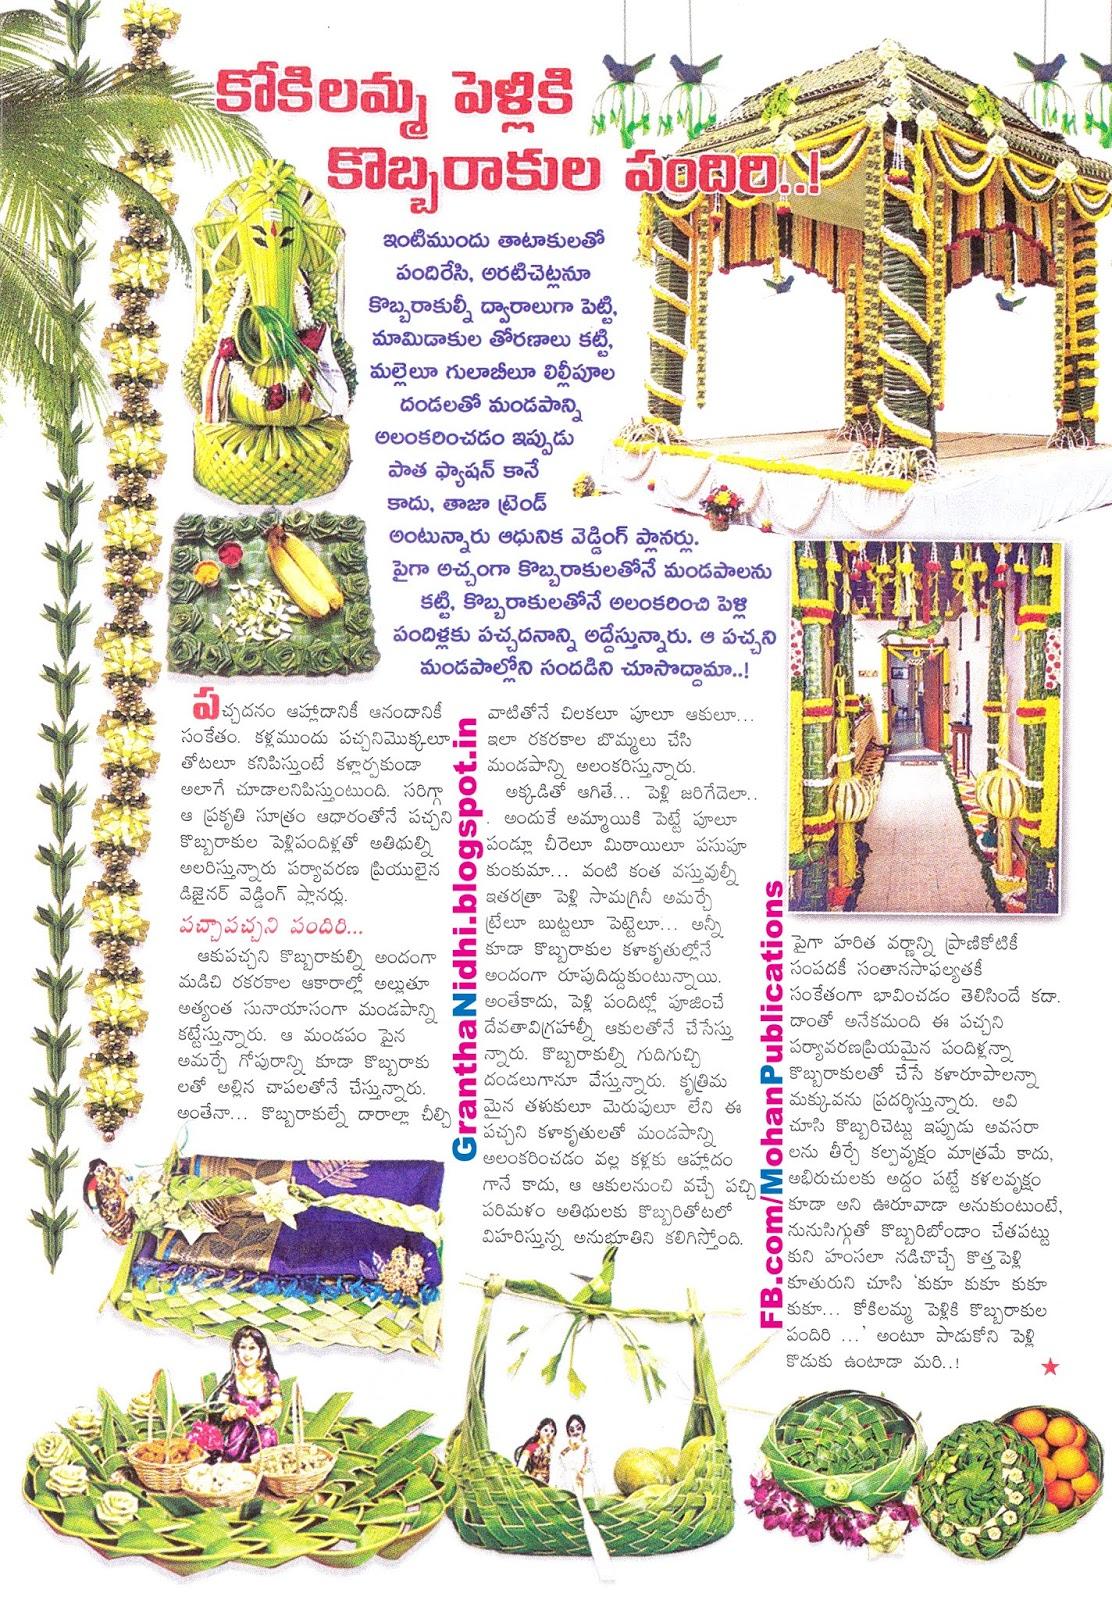 కోకిలమ్మ పెళ్ళికి కొబ్బరాకుల పందిరి Coconut Leaf Decoration wedding coconut leaf decorations tender coconut leaf decoration how to make coconut leaf decorations coconut leaves decoration Publications in Rajahmundry, Books Publisher in Rajahmundry, Popular Publisher in Rajahmundry, BhaktiPustakalu, Makarandam, Bhakthi Pustakalu, JYOTHISA,VASTU,MANTRA, TANTRA,YANTRA,RASIPALITALU, BHAKTI,LEELA,BHAKTHI SONGS, BHAKTHI,LAGNA,PURANA,NOMULU, VRATHAMULU,POOJALU,  KALABHAIRAVAGURU, SAHASRANAMAMULU,KAVACHAMULU, ASHTORAPUJA,KALASAPUJALU, KUJA DOSHA,DASAMAHAVIDYA, SADHANALU,MOHAN PUBLICATIONS, RAJAHMUNDRY BOOK STORE, BOOKS,DEVOTIONAL BOOKS, KALABHAIRAVA GURU,KALABHAIRAVA, RAJAMAHENDRAVARAM,GODAVARI,GOWTHAMI, FORTGATE,KOTAGUMMAM,GODAVARI RAILWAY STATION, PRINT BOOKS,E BOOKS,PDF BOOKS, FREE PDF BOOKS,BHAKTHI MANDARAM,GRANTHANIDHI, GRANDANIDI,GRANDHANIDHI, BHAKTHI PUSTHAKALU, BHAKTI PUSTHAKALU, BHAKTHI